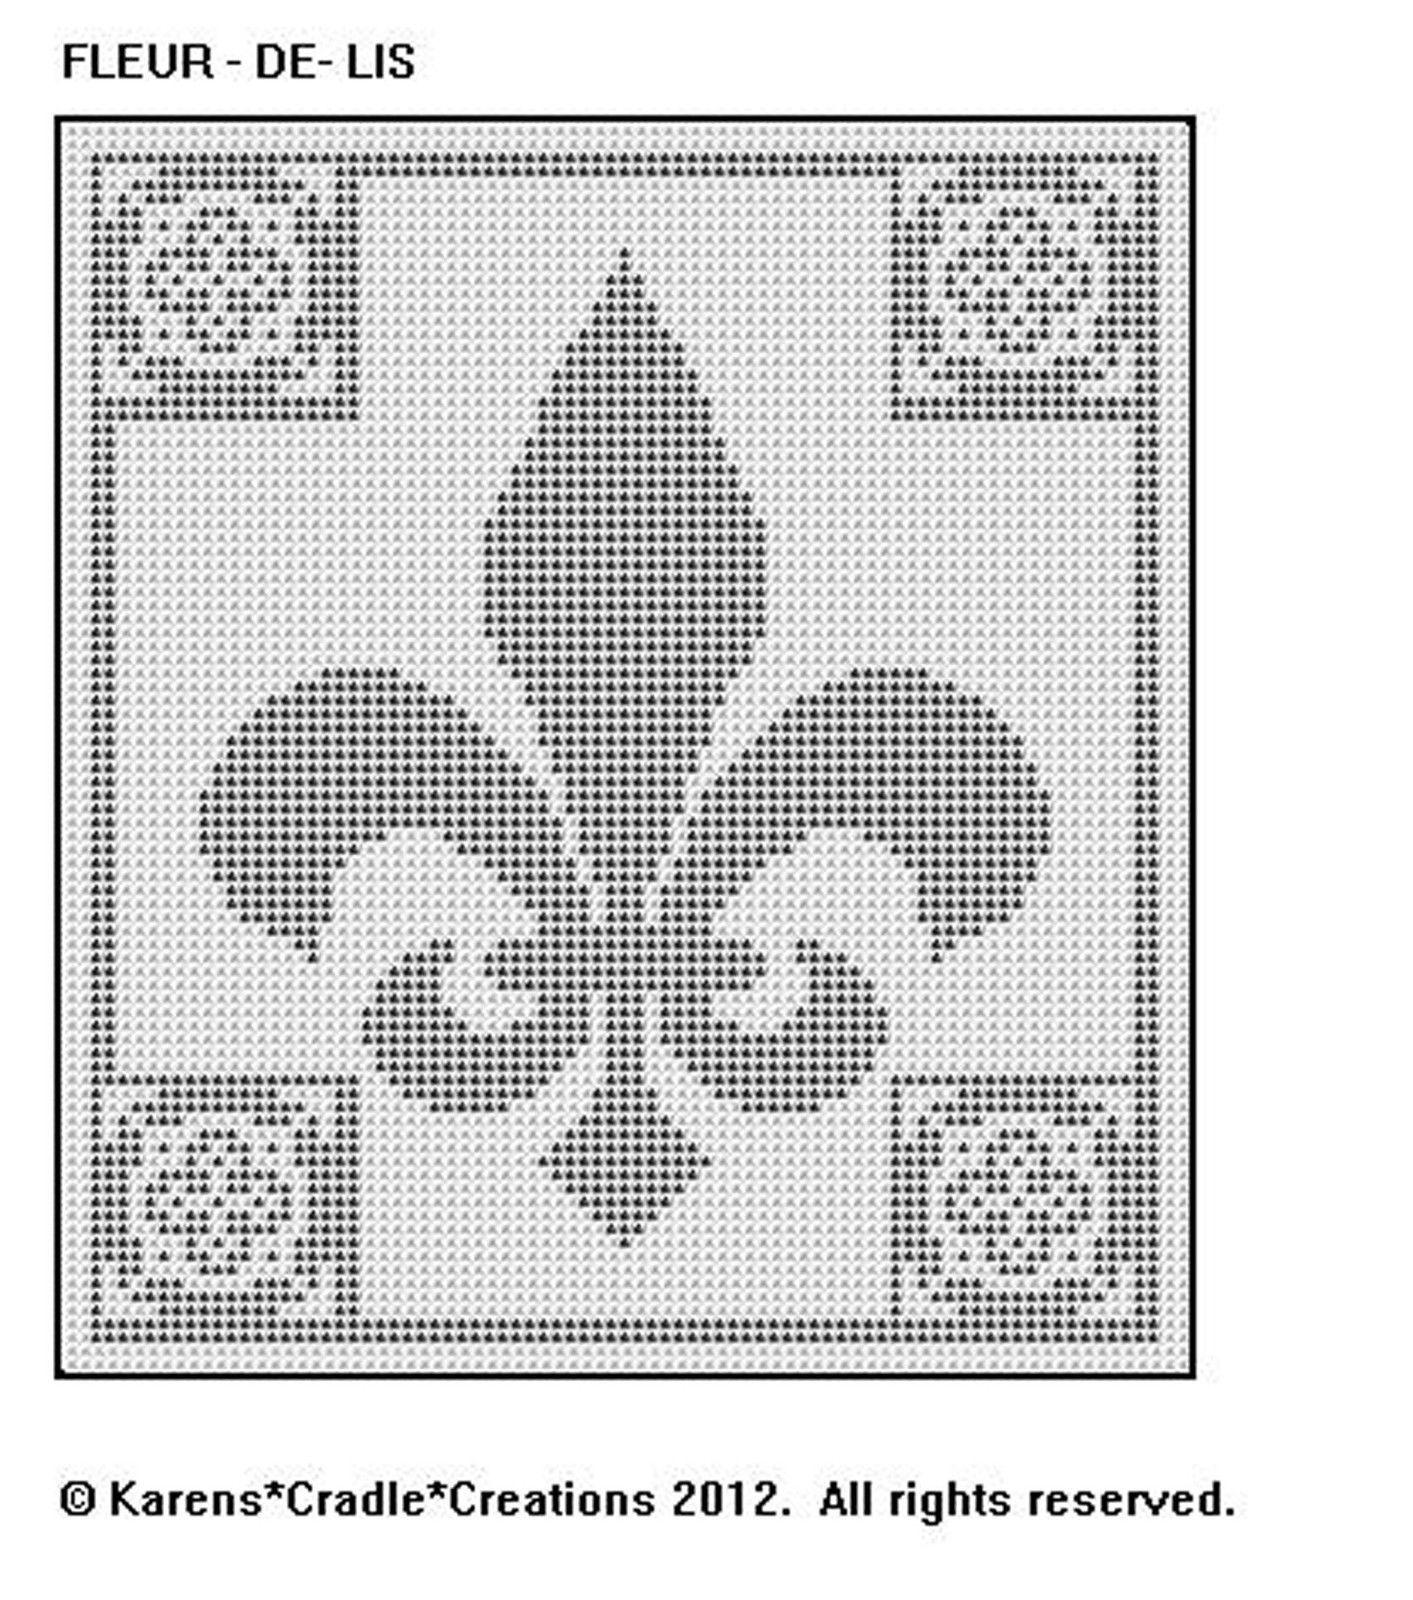 FLEUR - DE - LIS Filet Crochet Pattern | Flor de lis, Filete y Flor ...